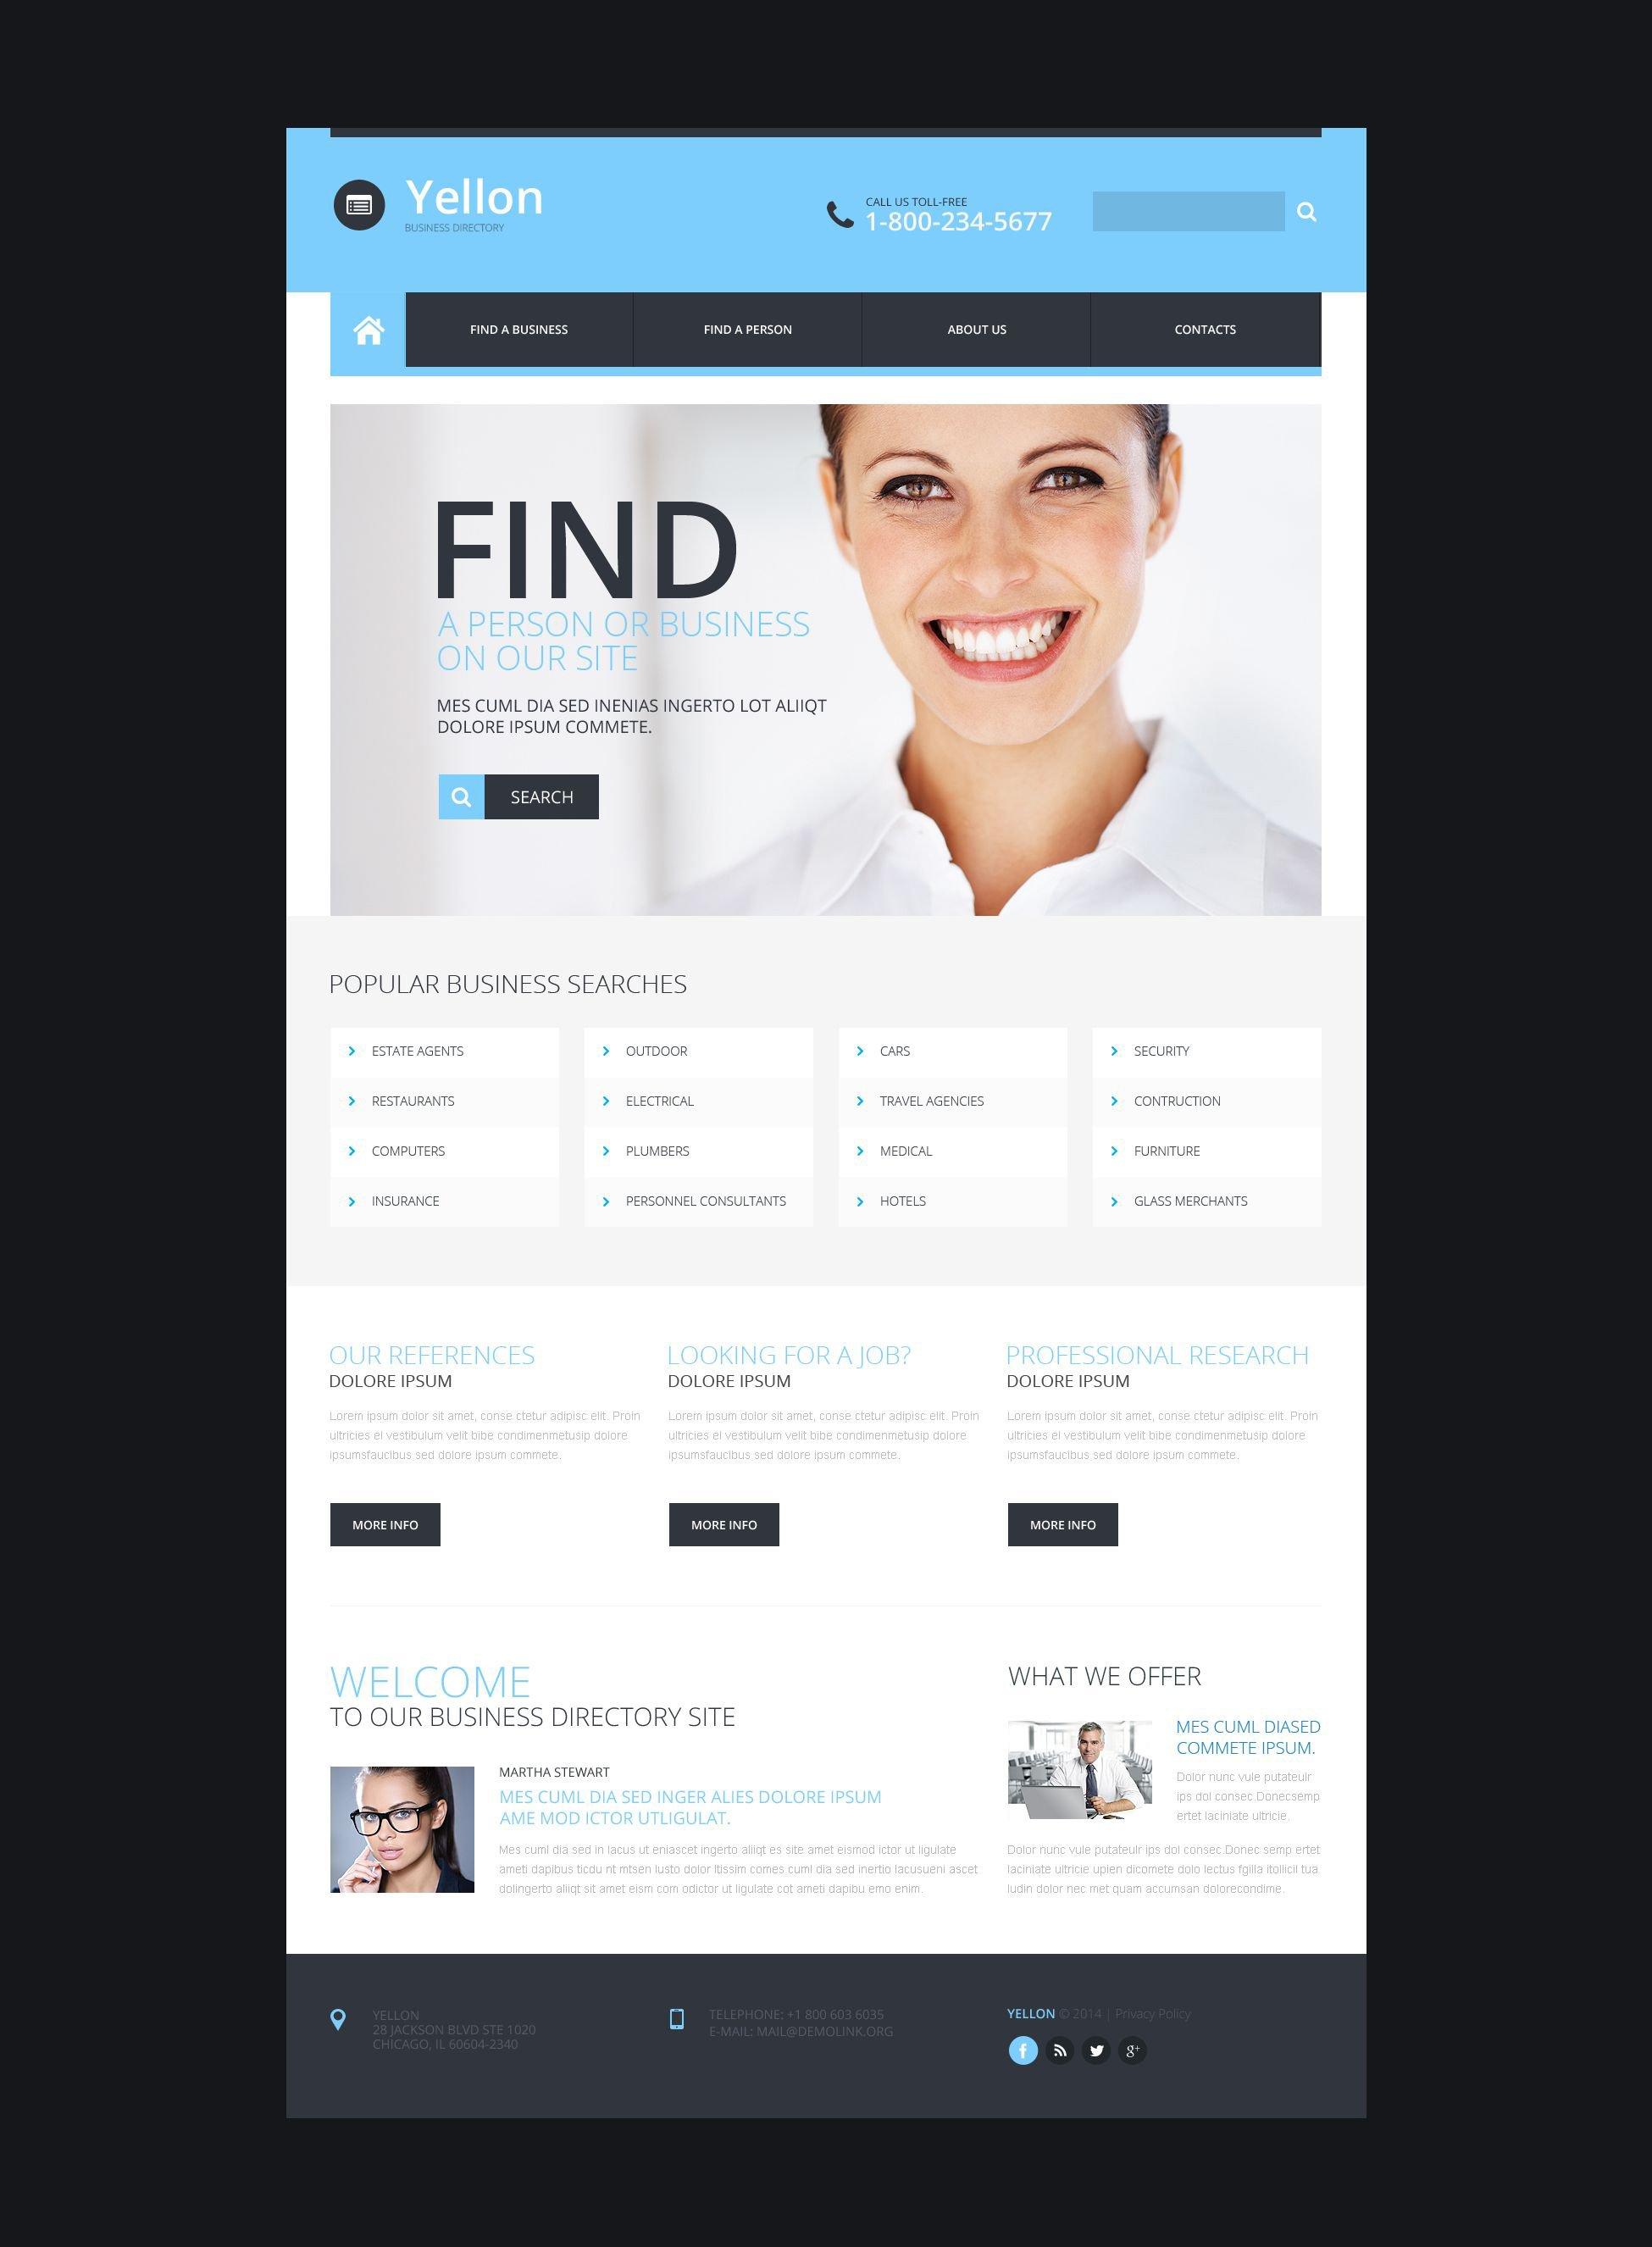 Plantilla Web Responsive para Sitio de Negocio y Servicios #52280 - captura de pantalla